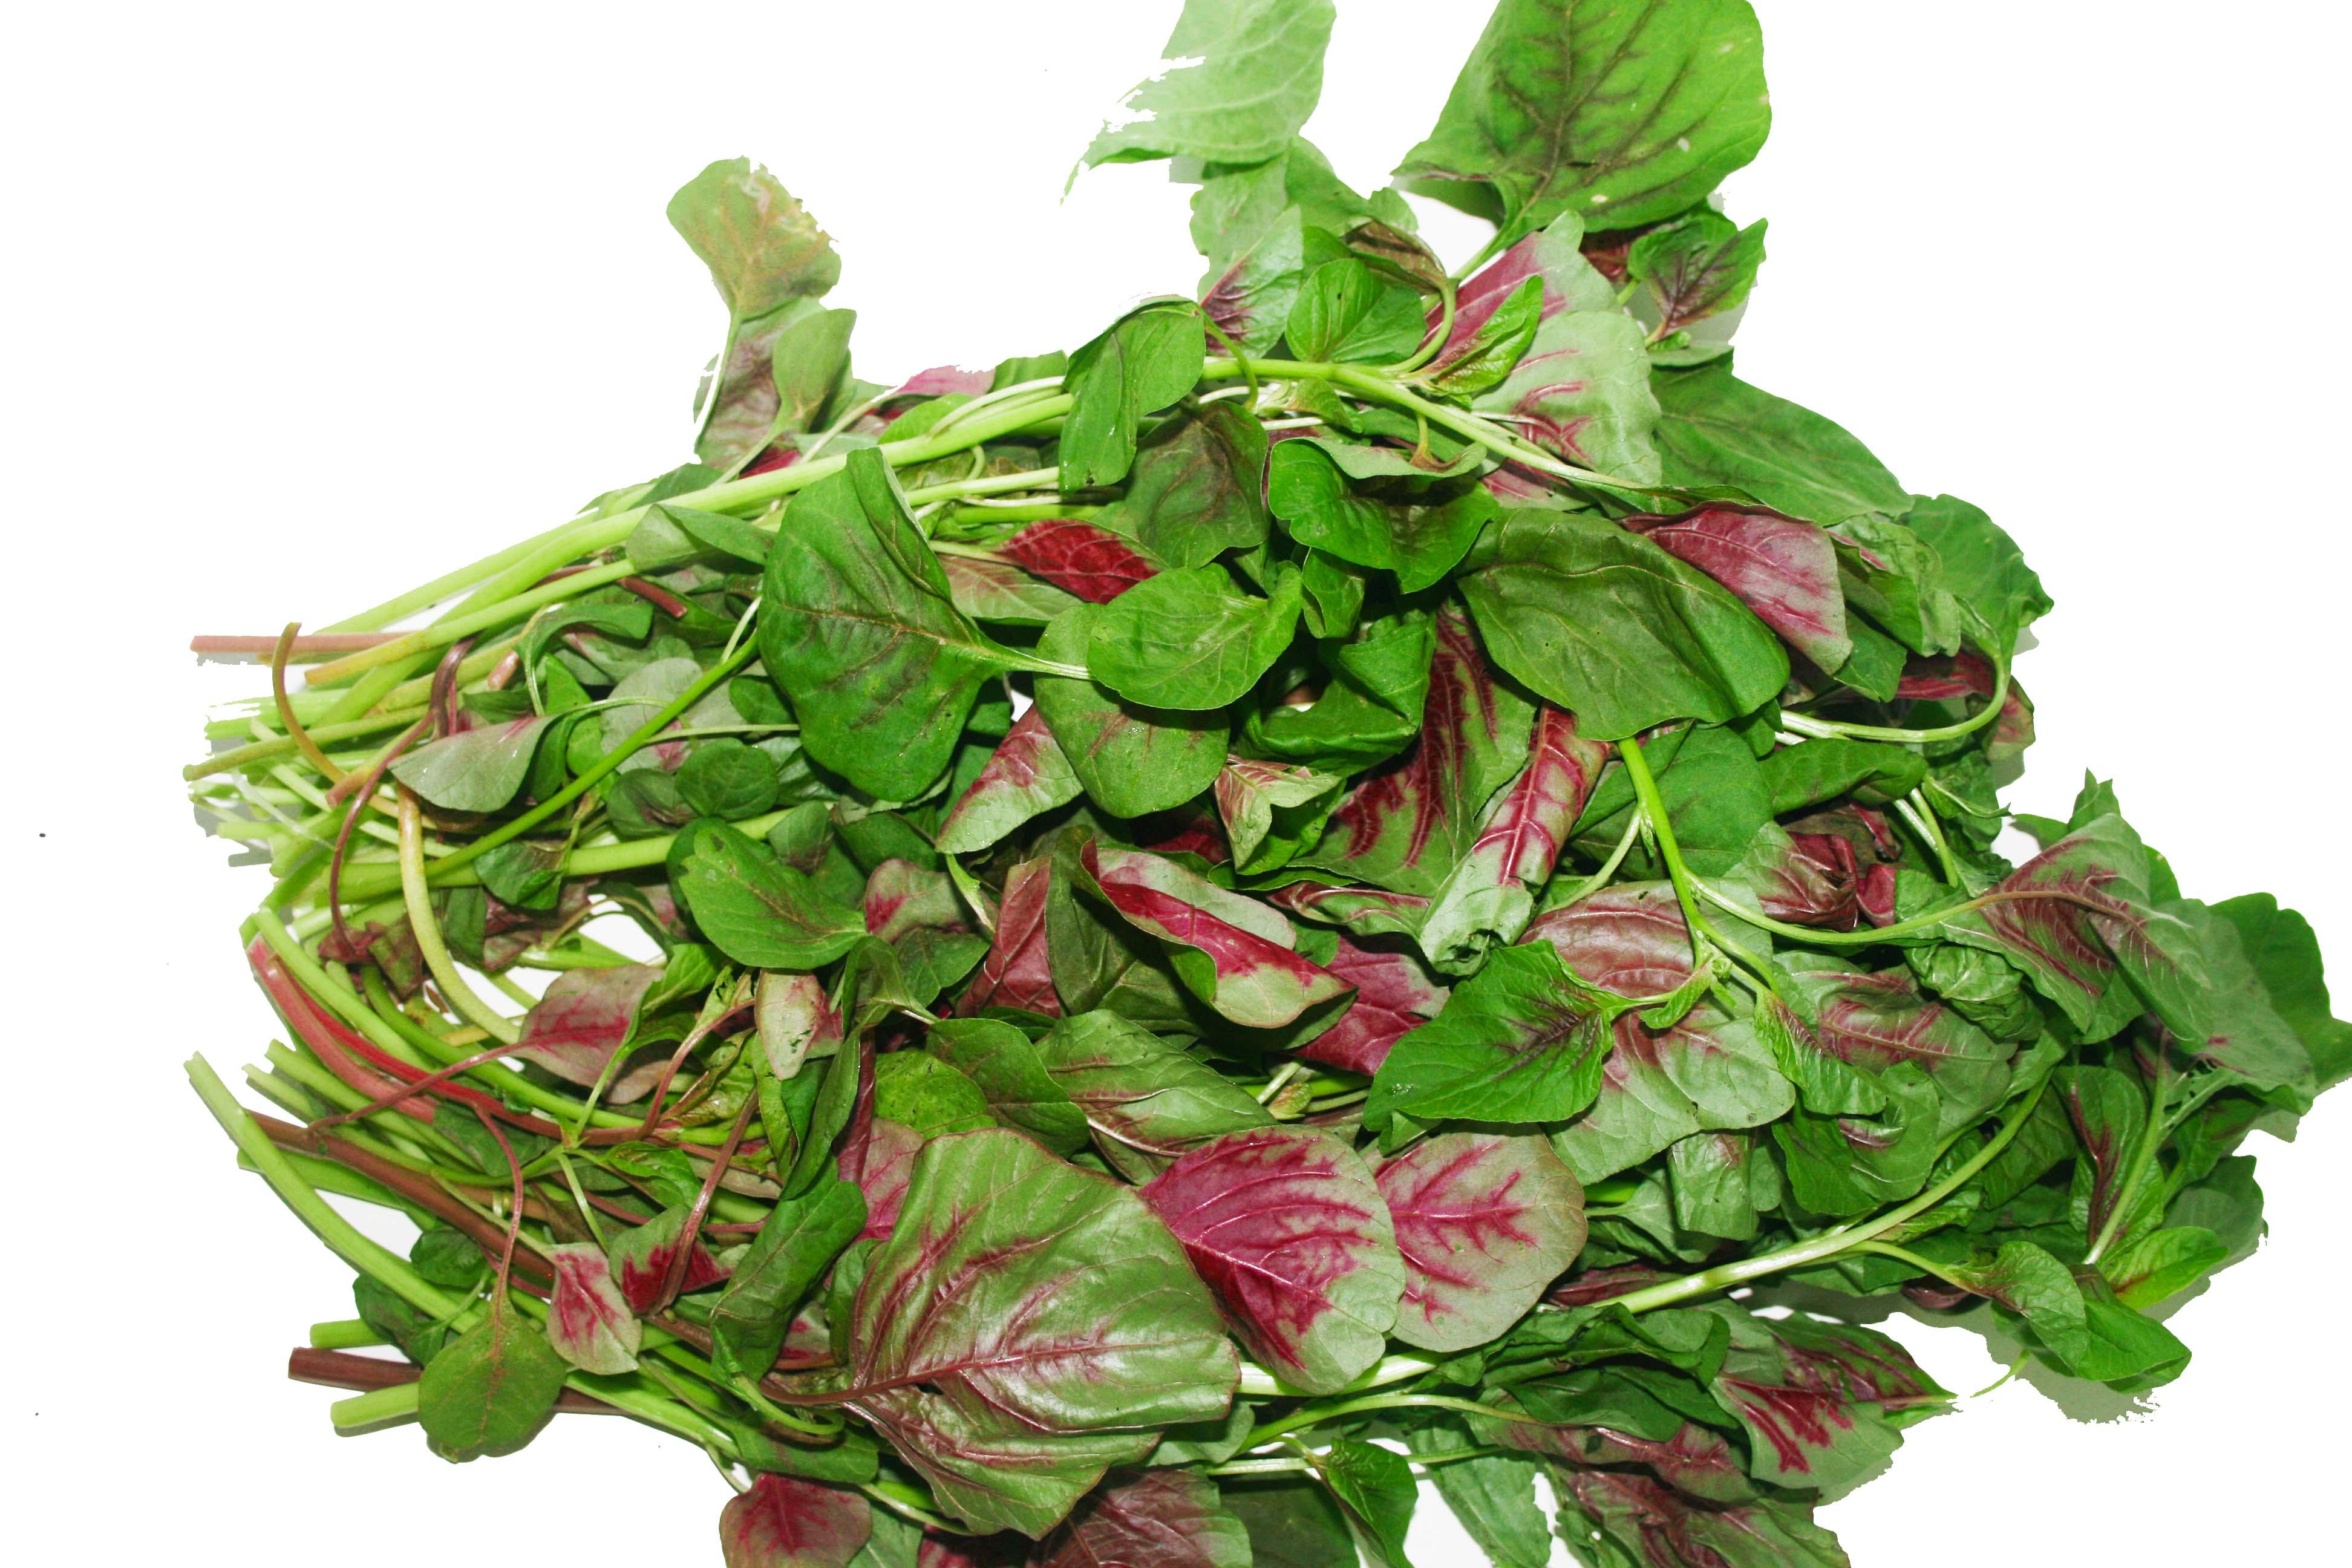 Tác dụng tuyệt vời của rau dền  đối với sức khỏe 4